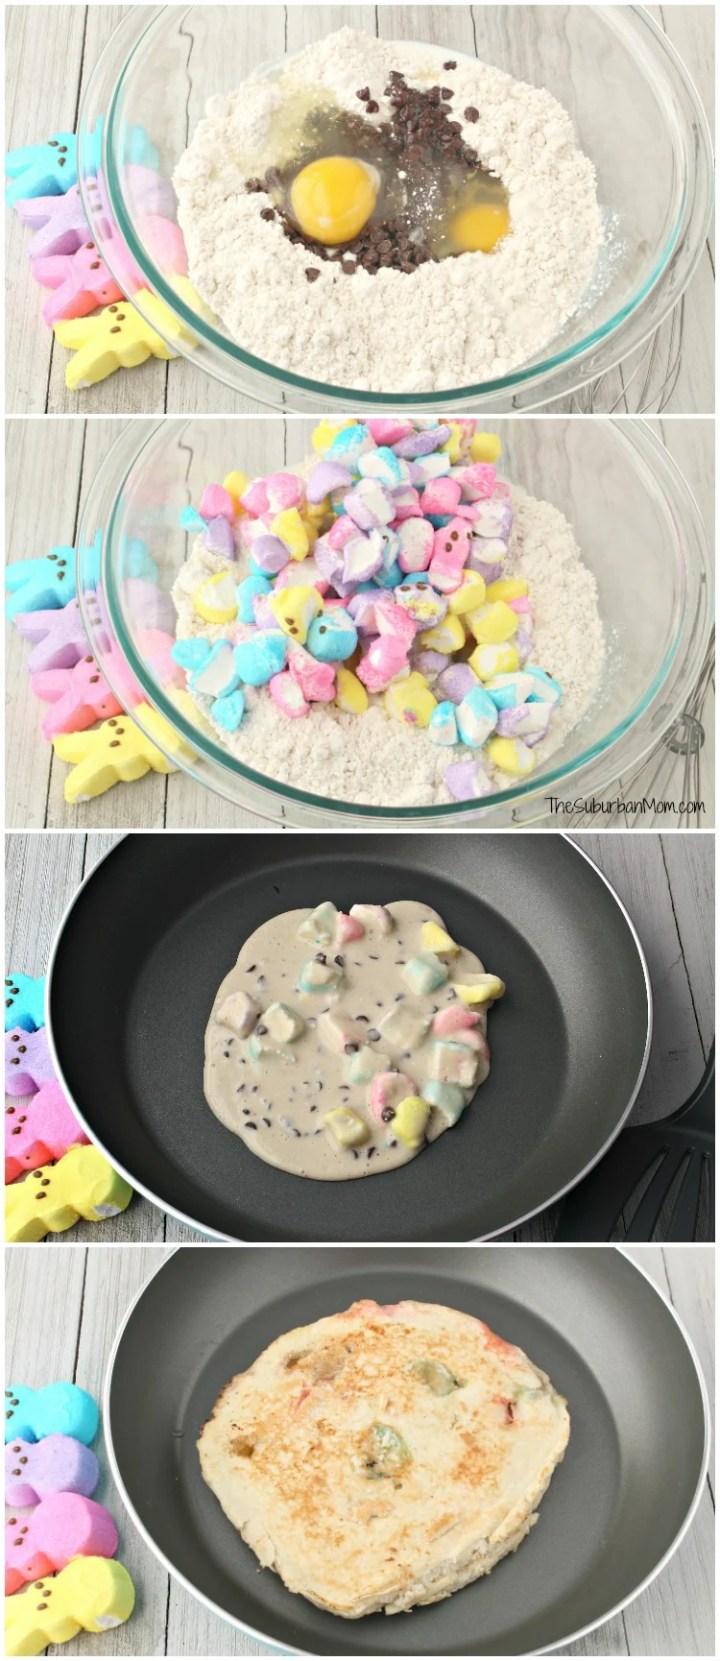 How To Make Peeps Pancakes